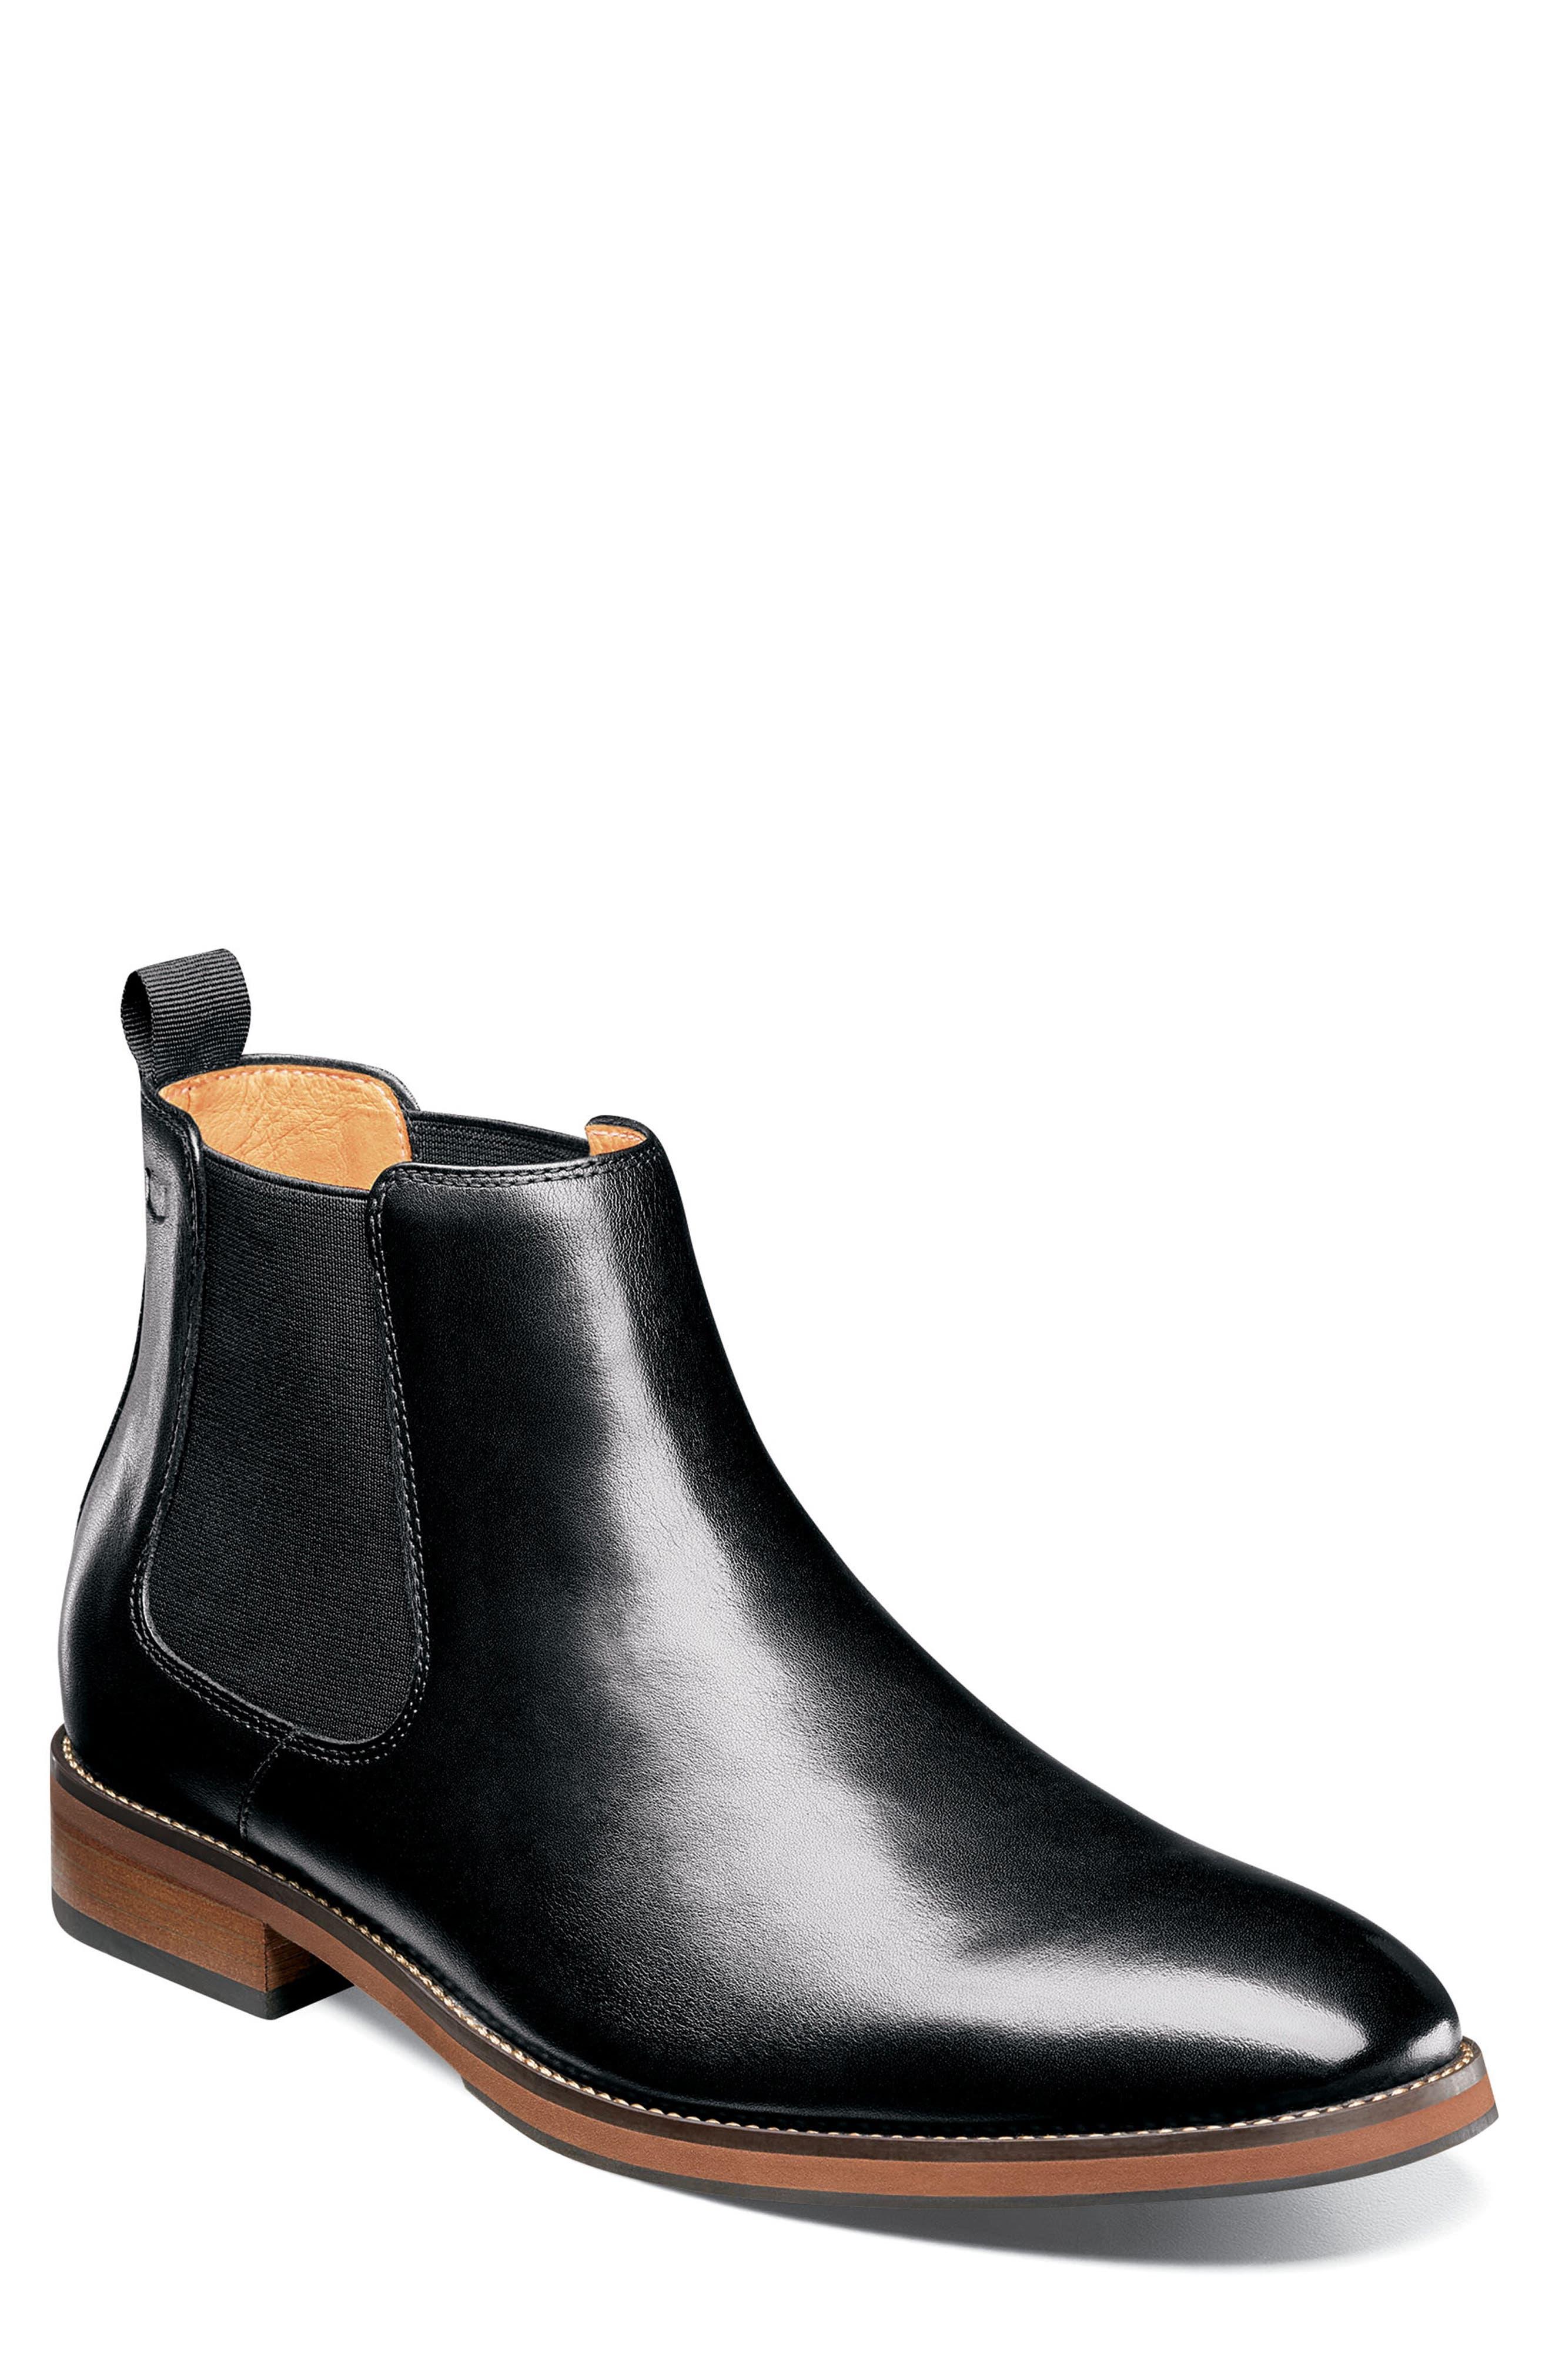 FLORSHEIM Blaze Mid Chelsea Boot, Main, color, 001